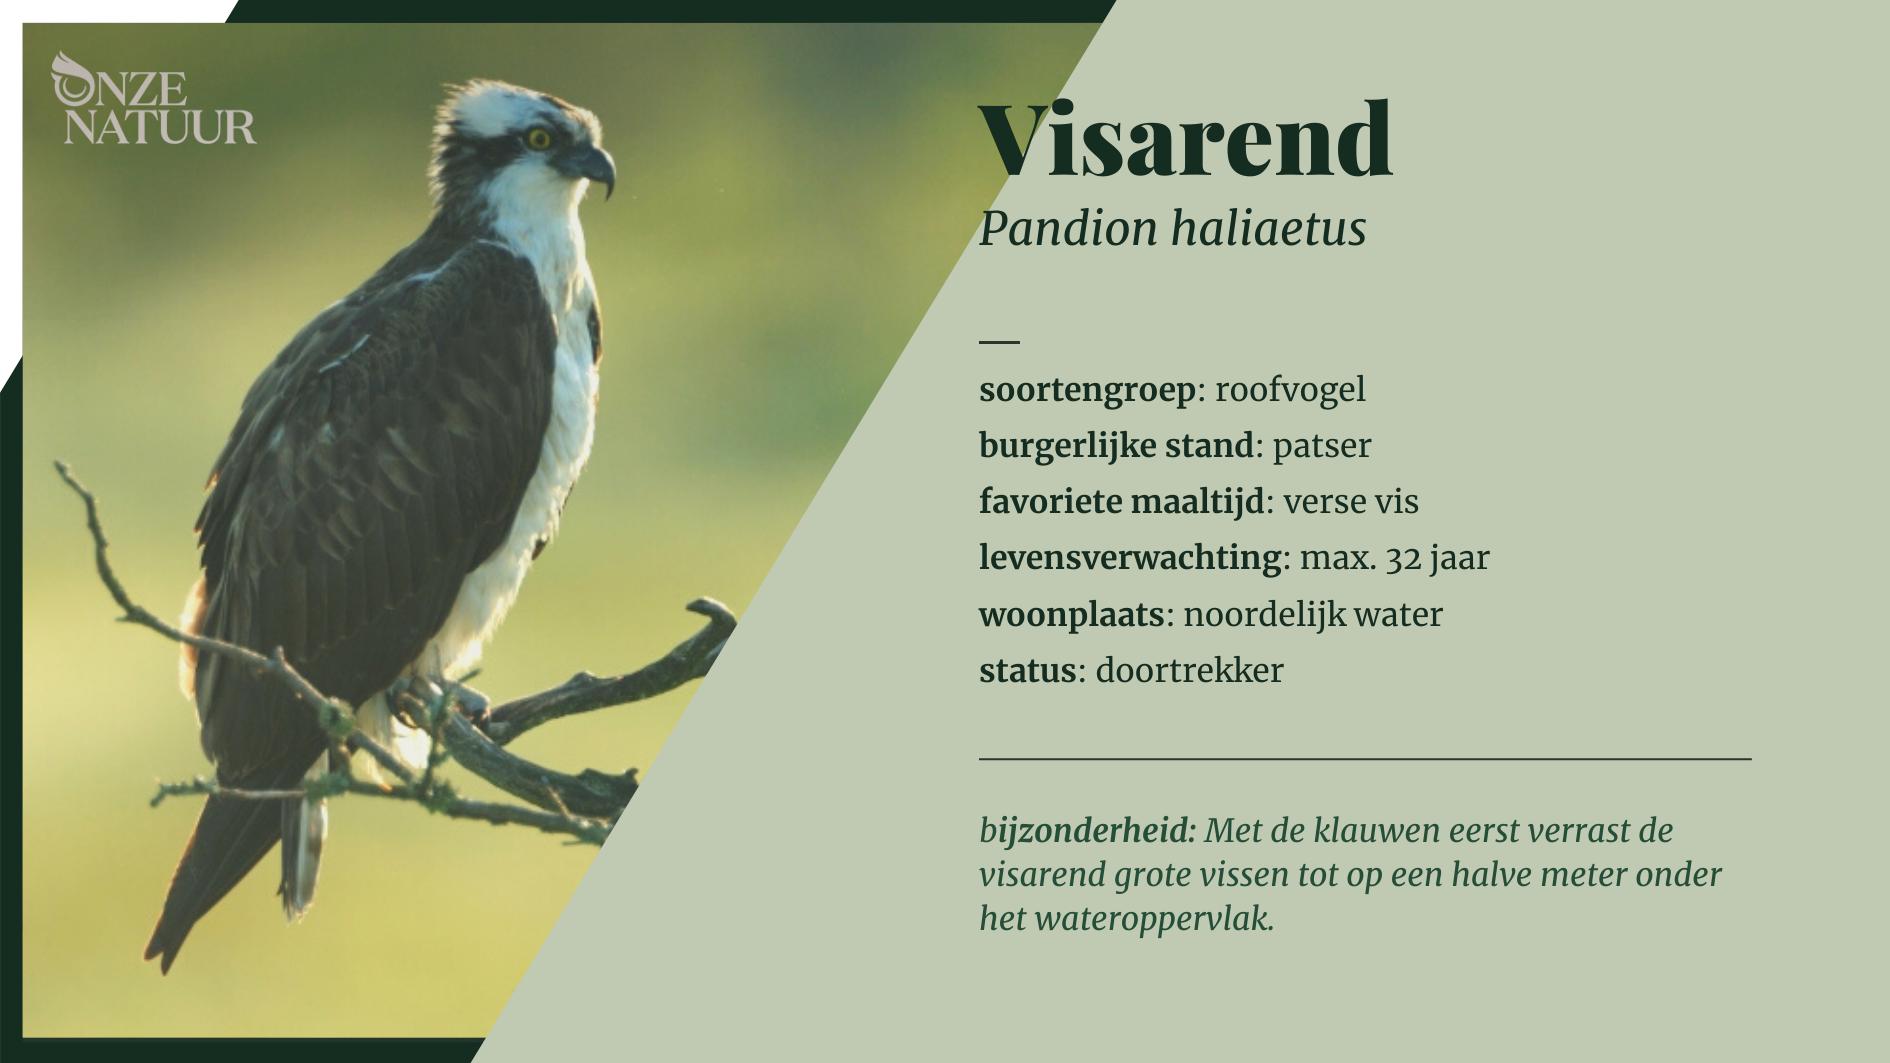 fiche-visarend-nl.png